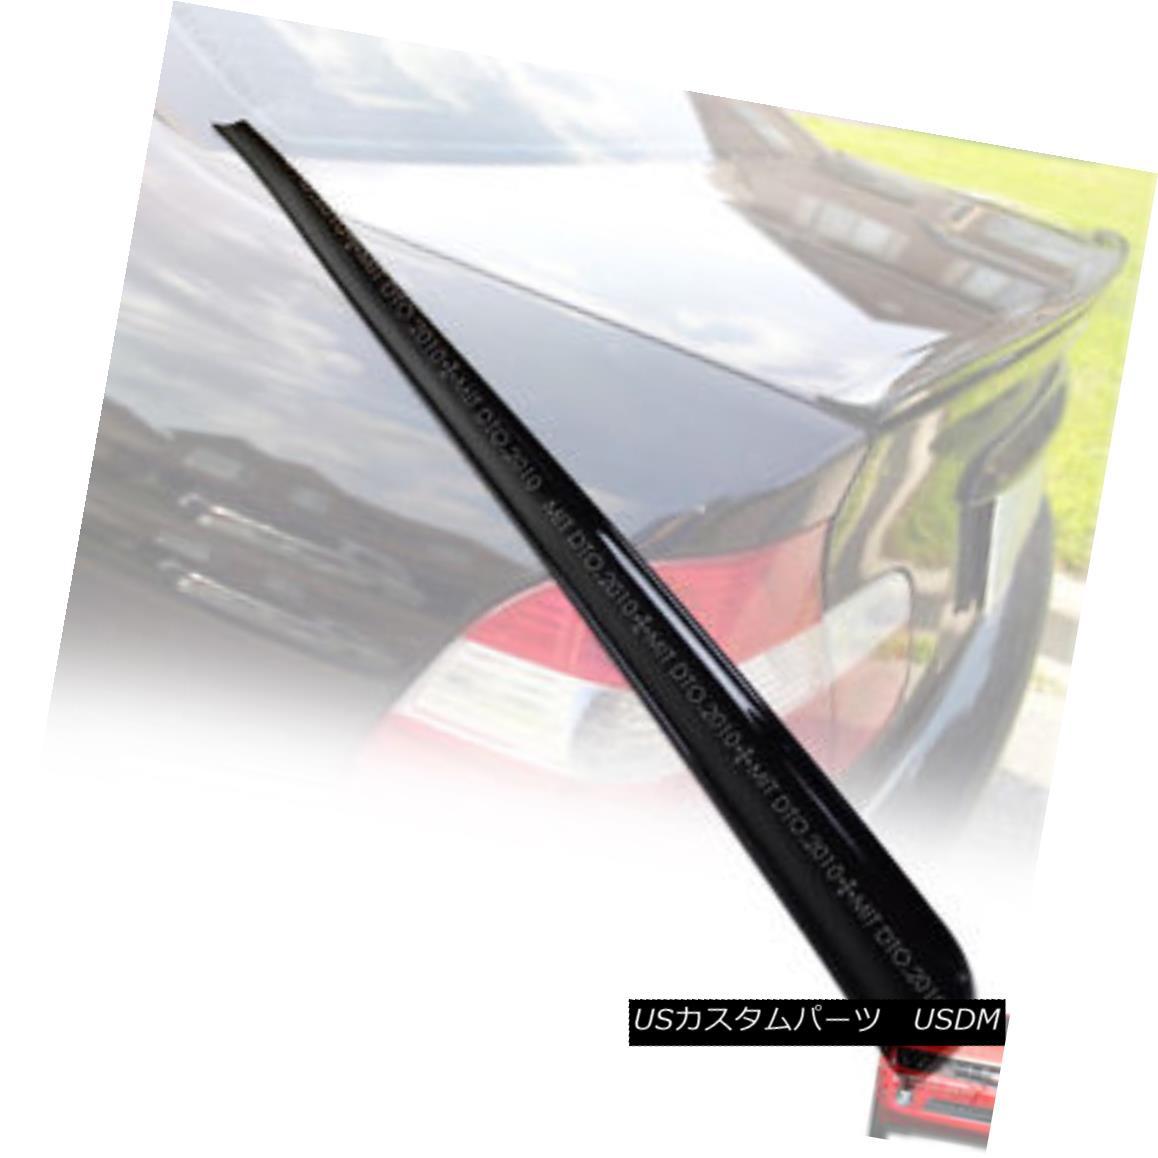 エアロパーツ ++Painted 99-05 BMW E46 M3 Style Rear Trunk Lip Spoiler 668 § ++塗装99-05 BMW E46 M3スタイルリアトランクリップスポイラー668